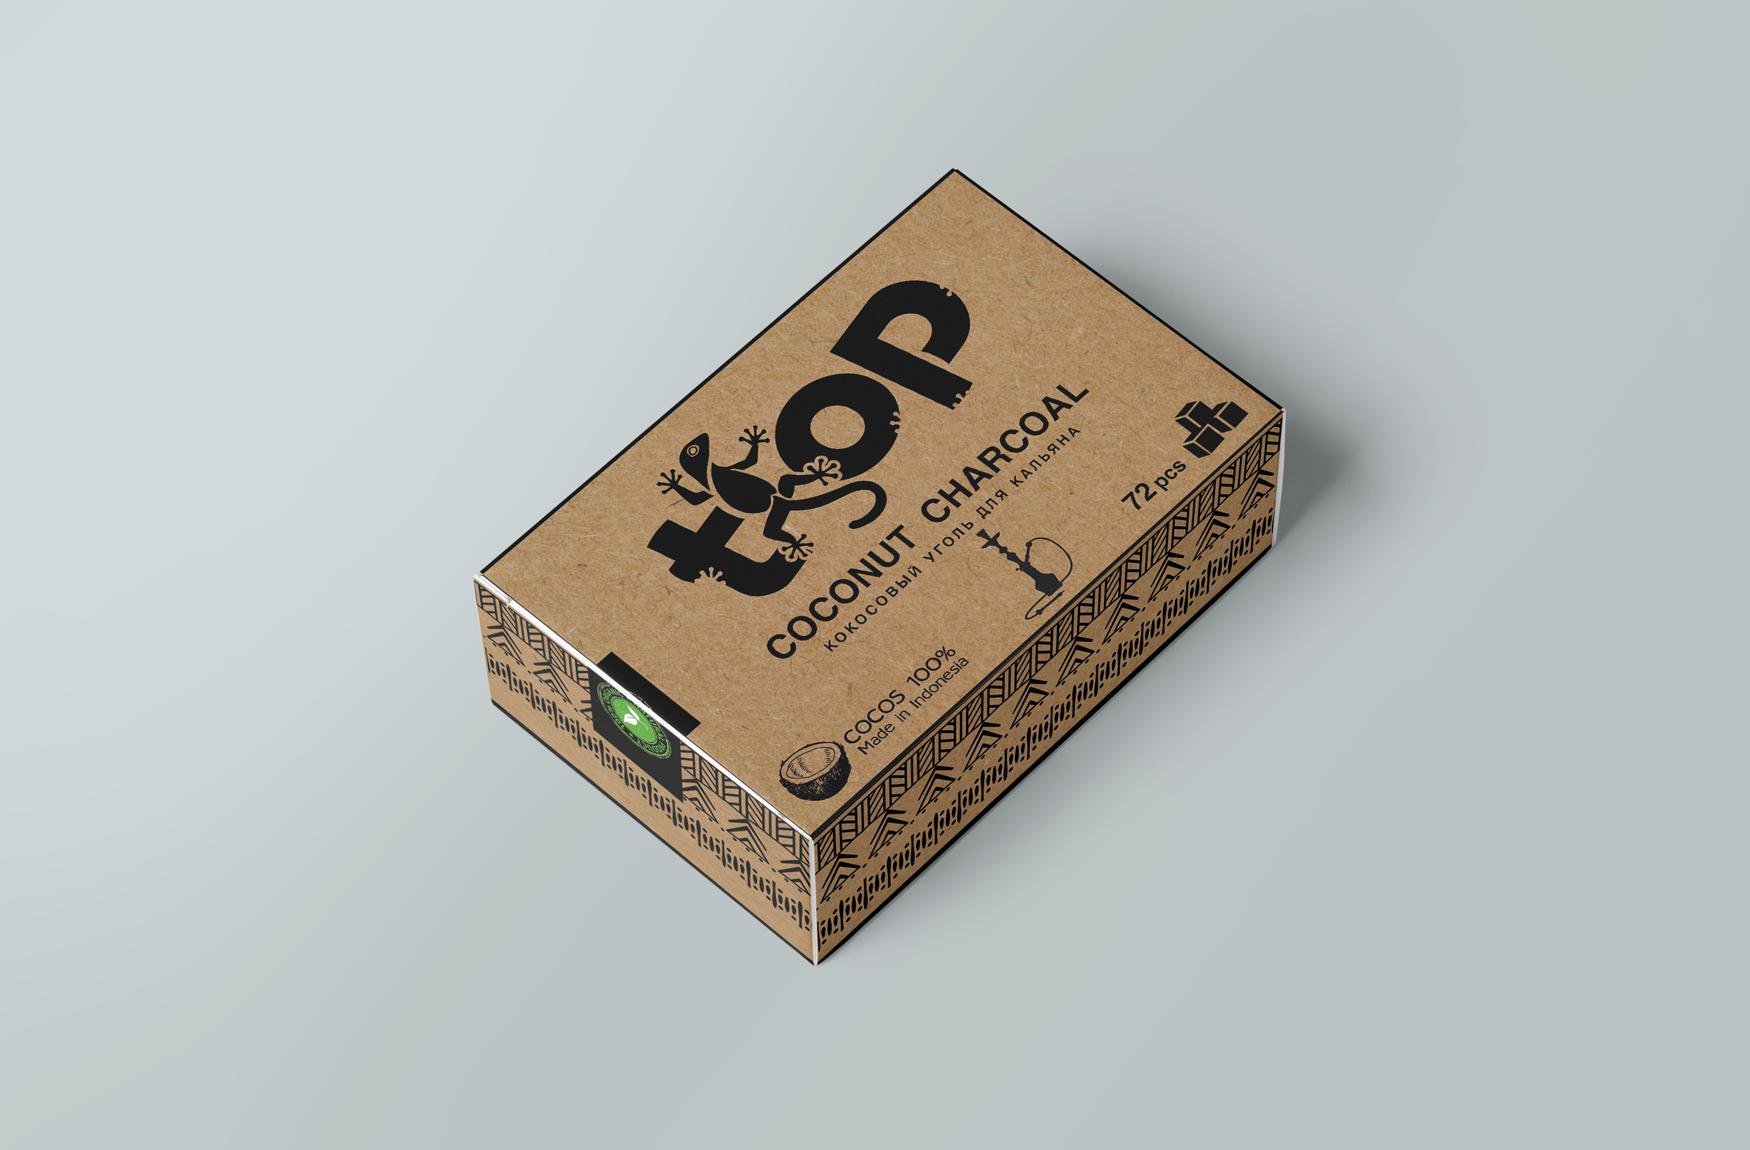 Разработка дизайна коробки, фирменного стиля, логотипа. фото f_1895c642ef5d110e.png